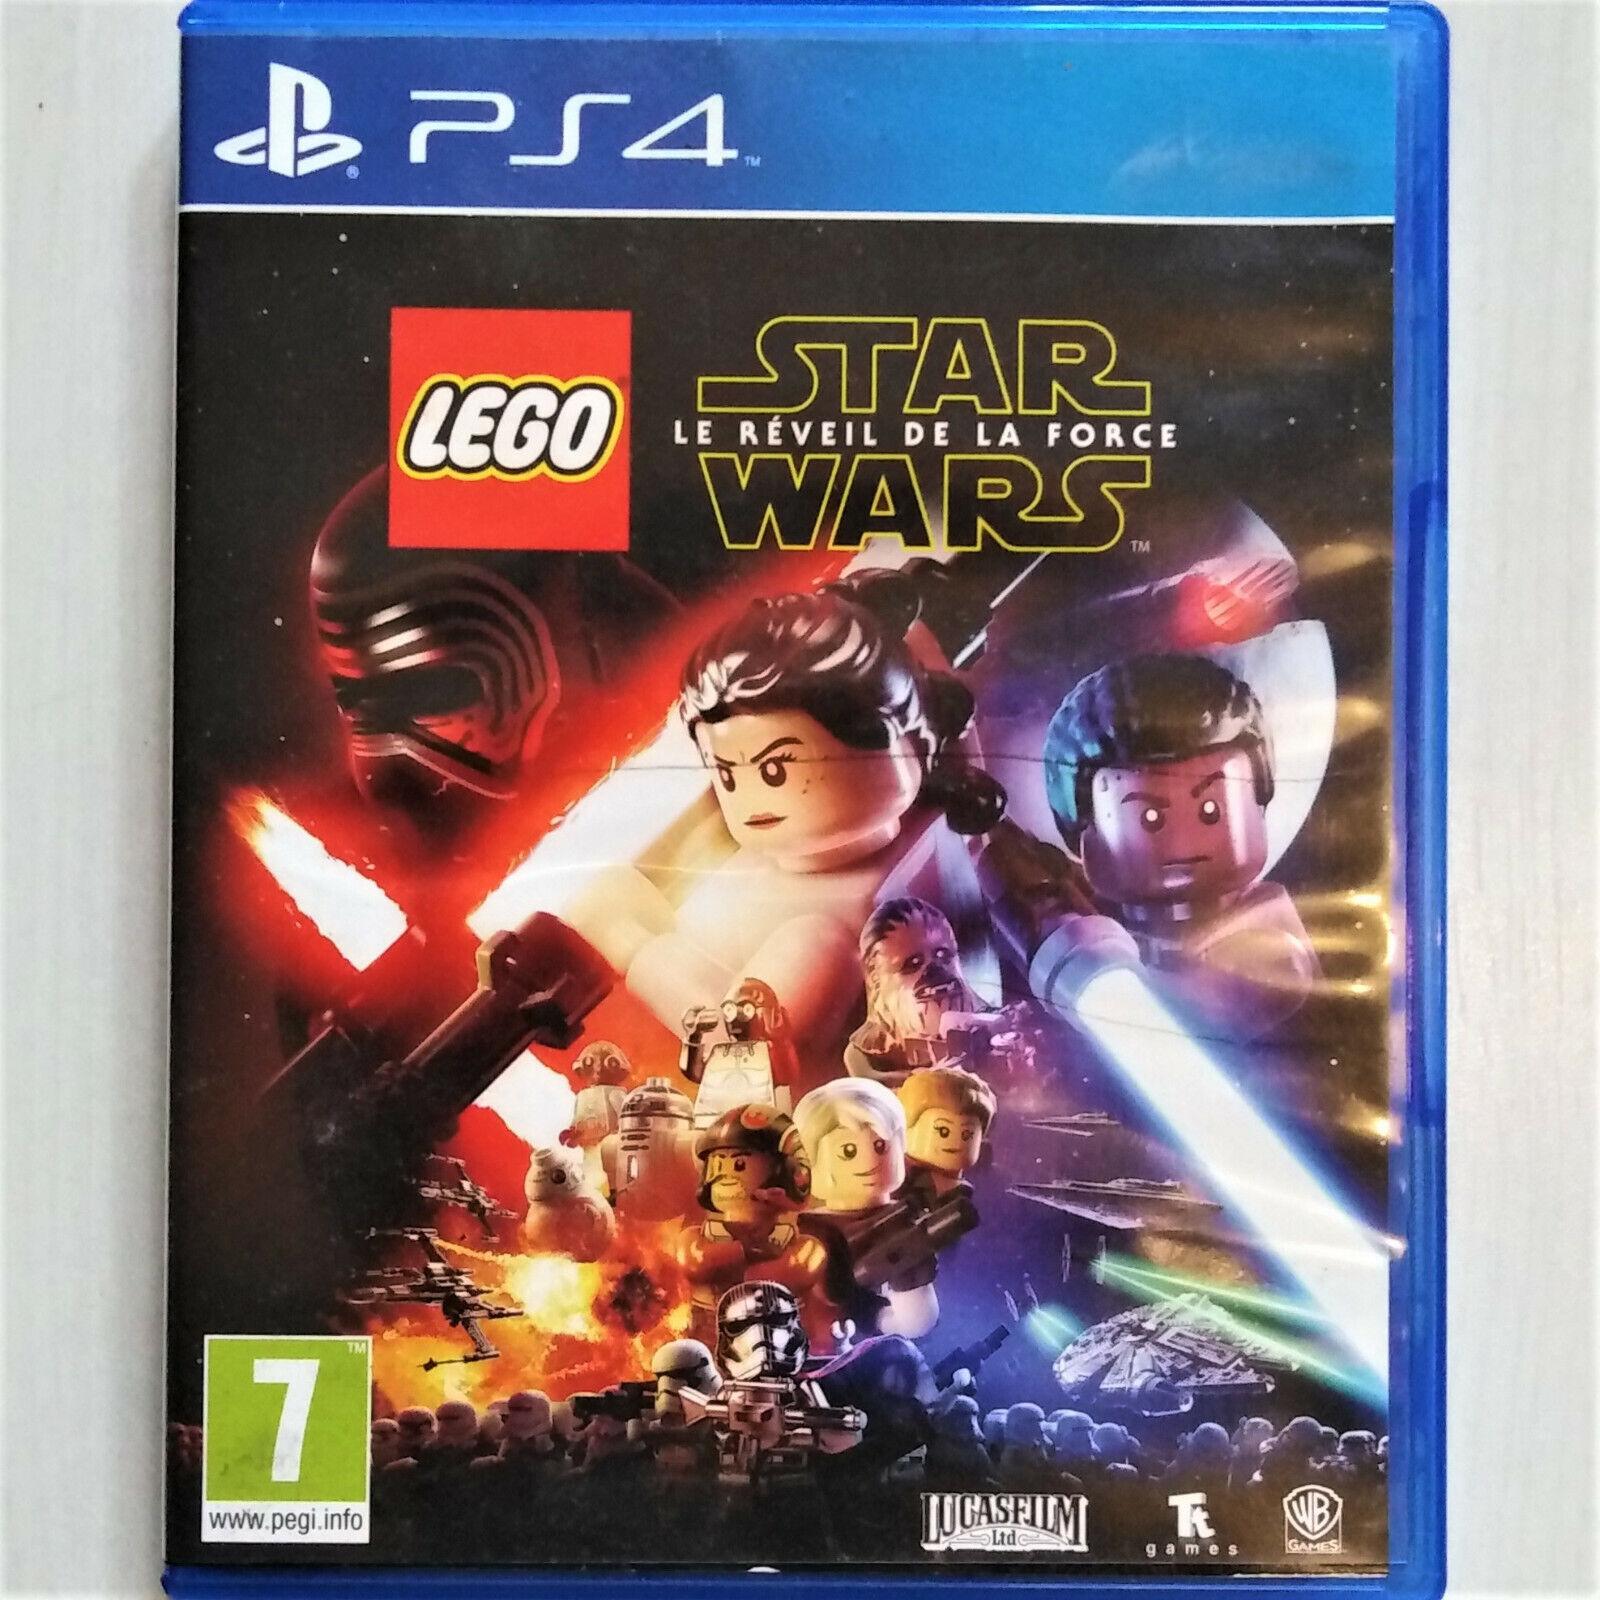 PS4- Jeu Lego Star Wars:Le Réveil de la Force - Bonne affaire StarWars